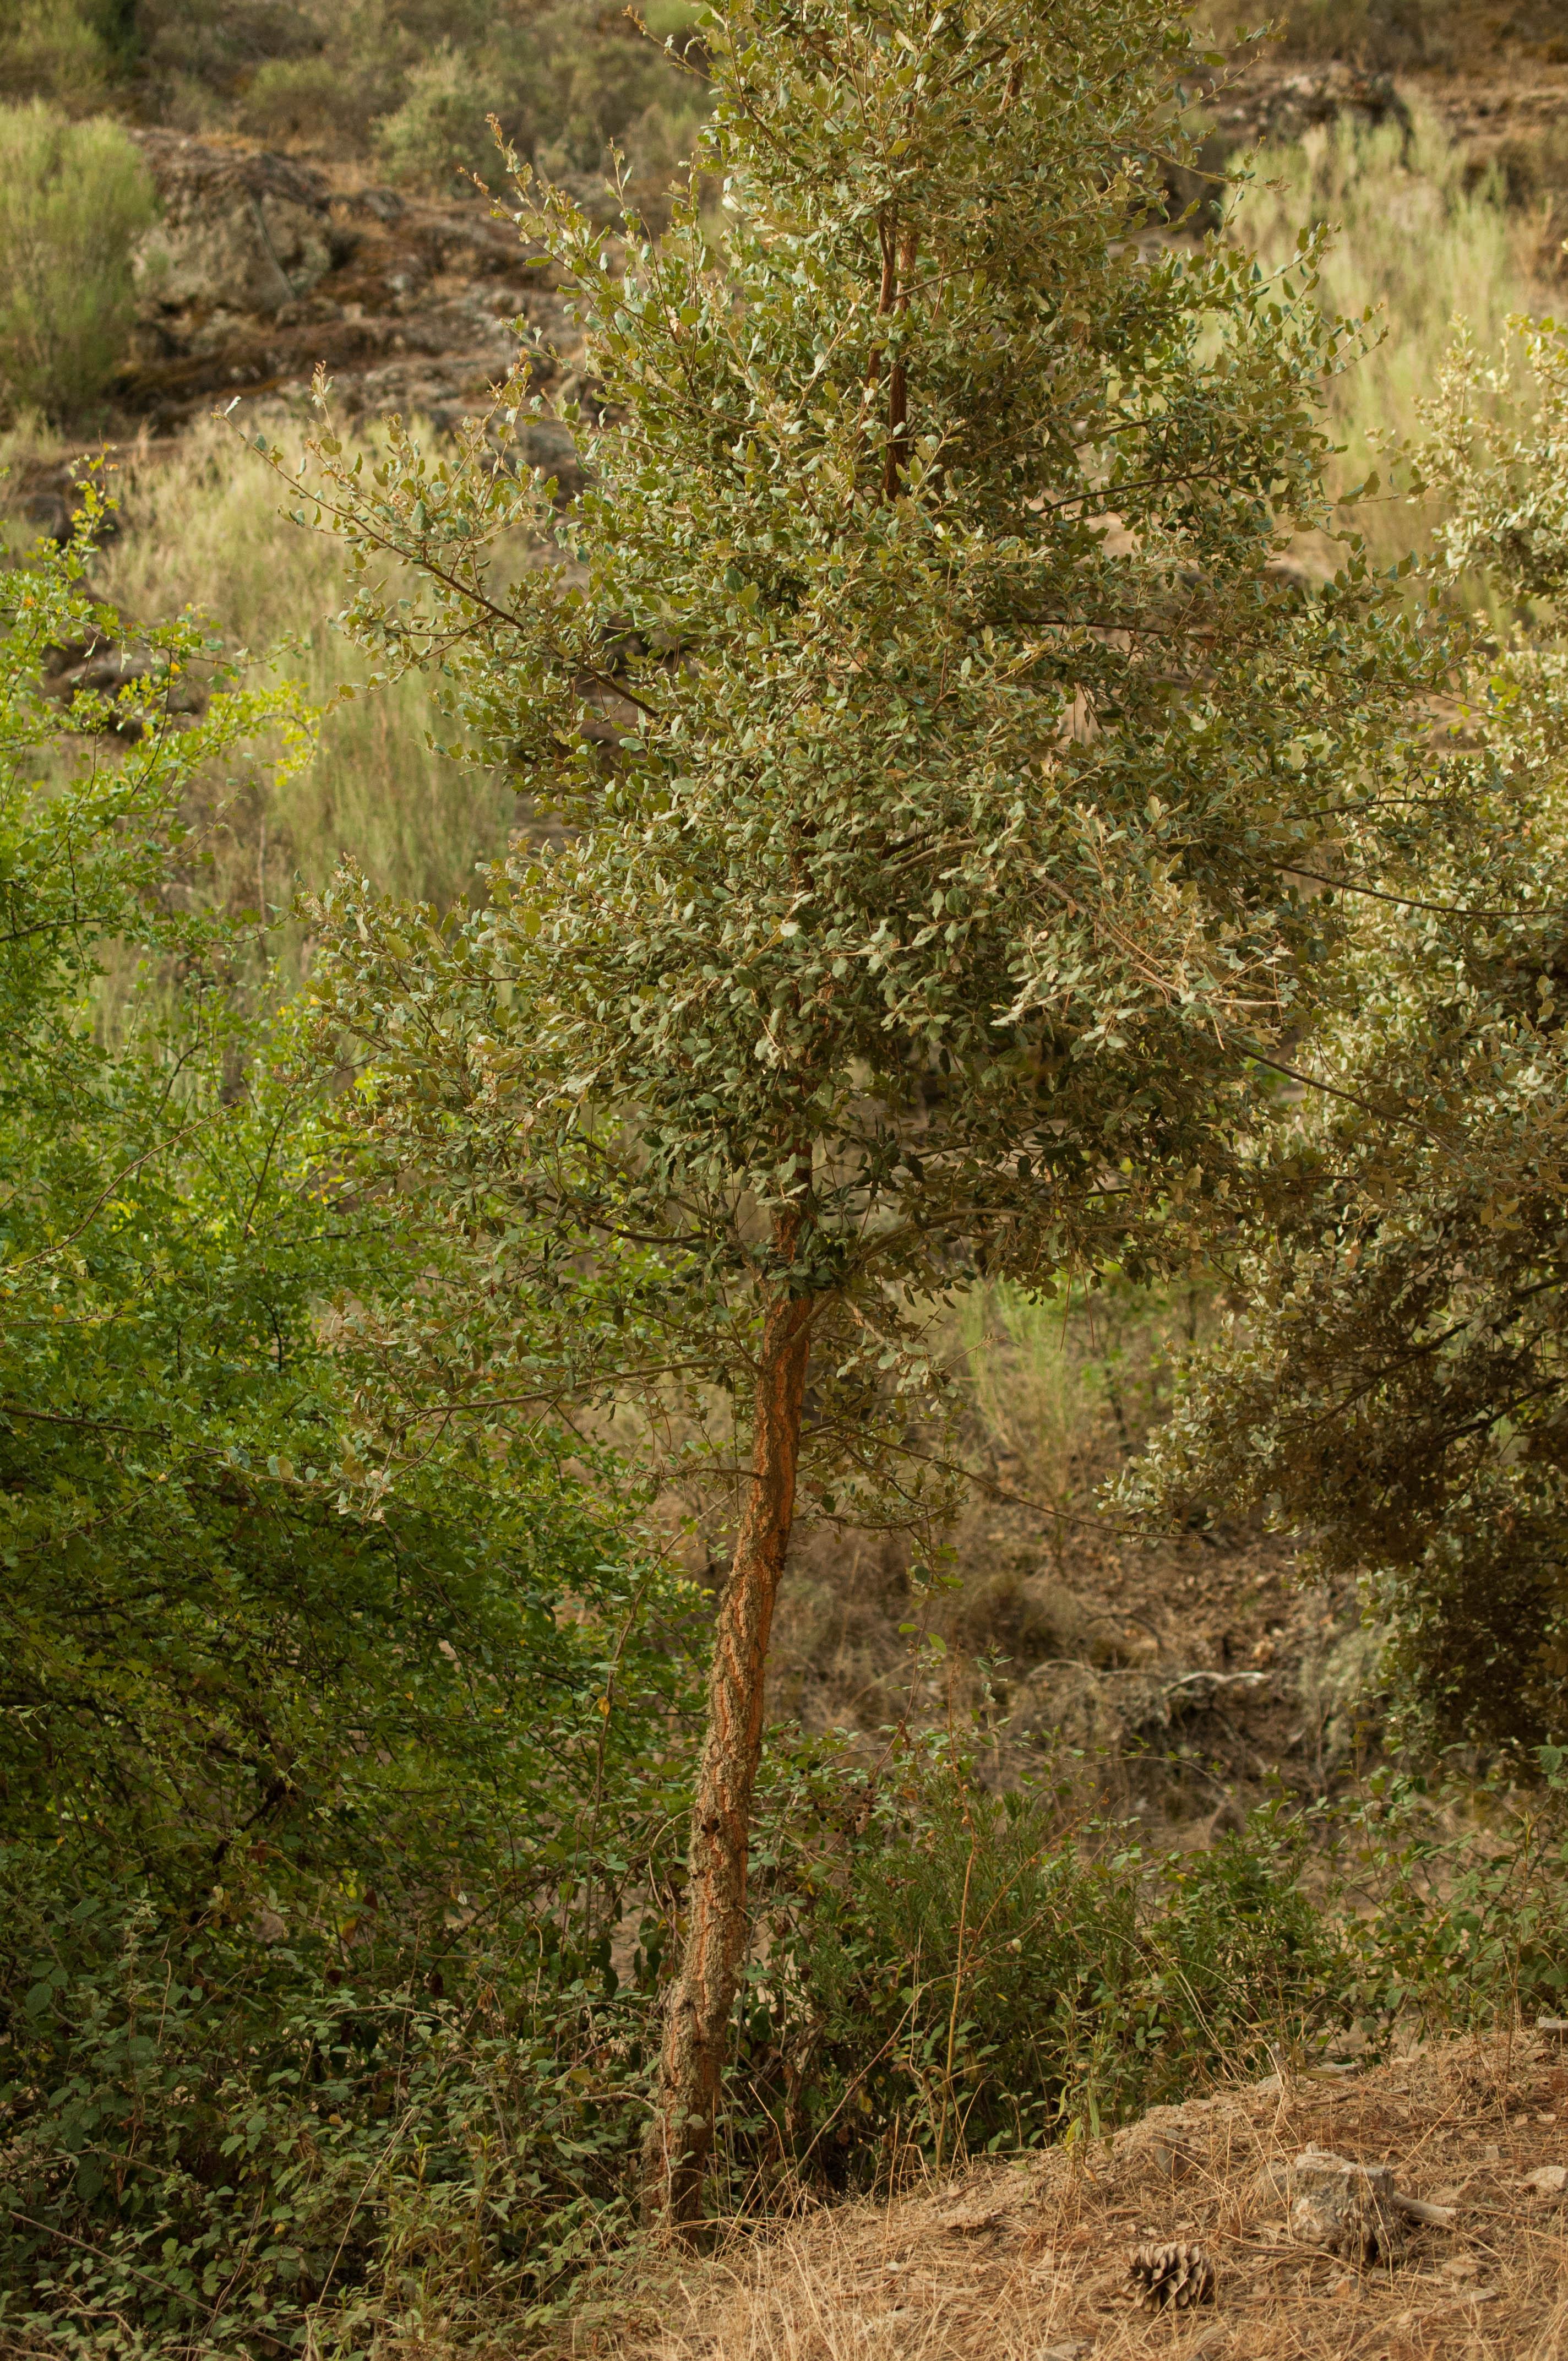 Quercus suber Las Obreras de Aliste